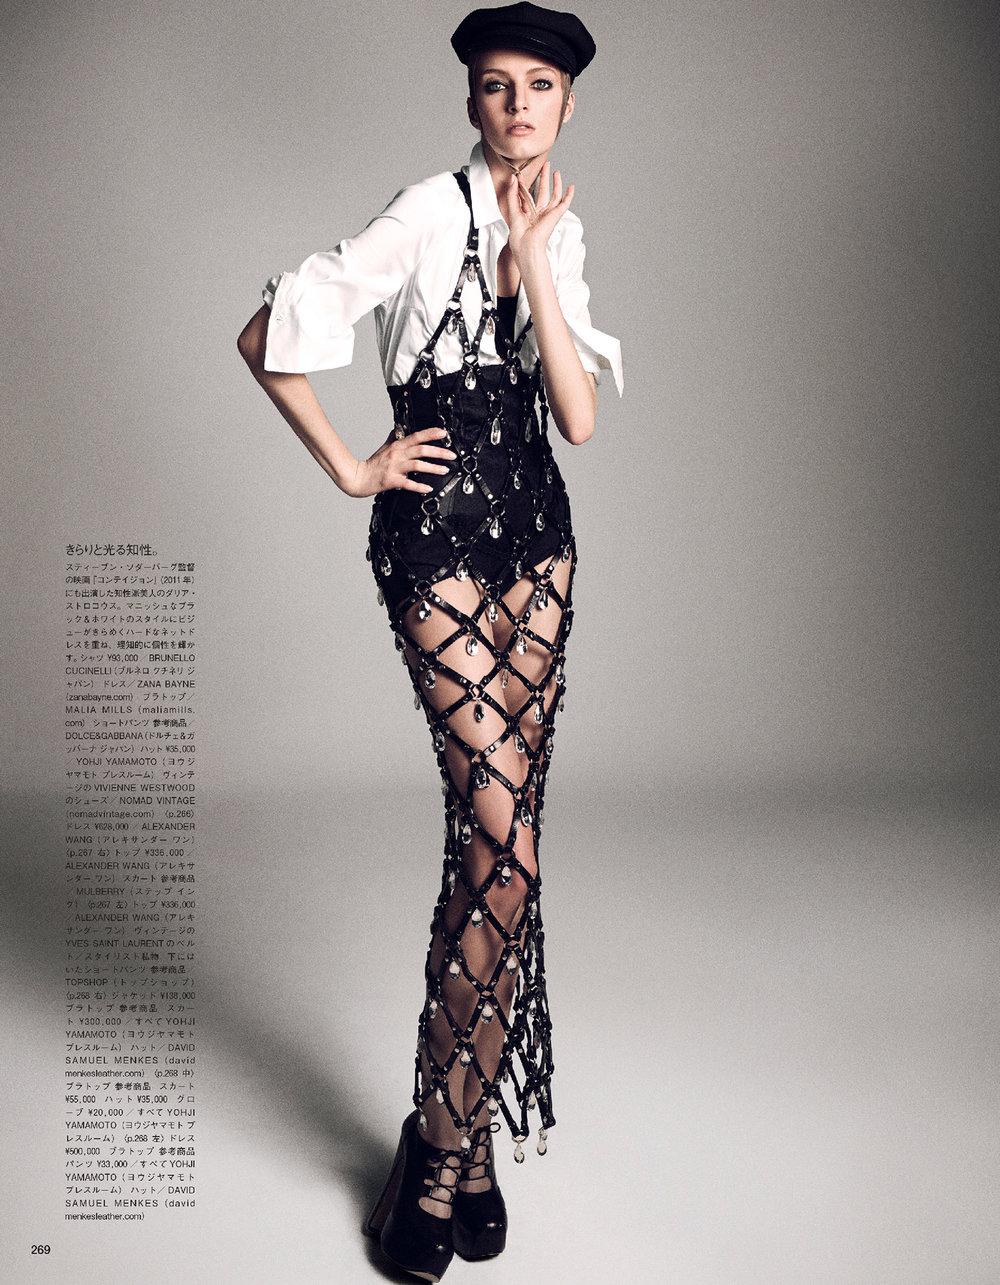 Giovanna-Battaglia-Vogue-Japan-March-2015-Digital-Generation-25.jpg